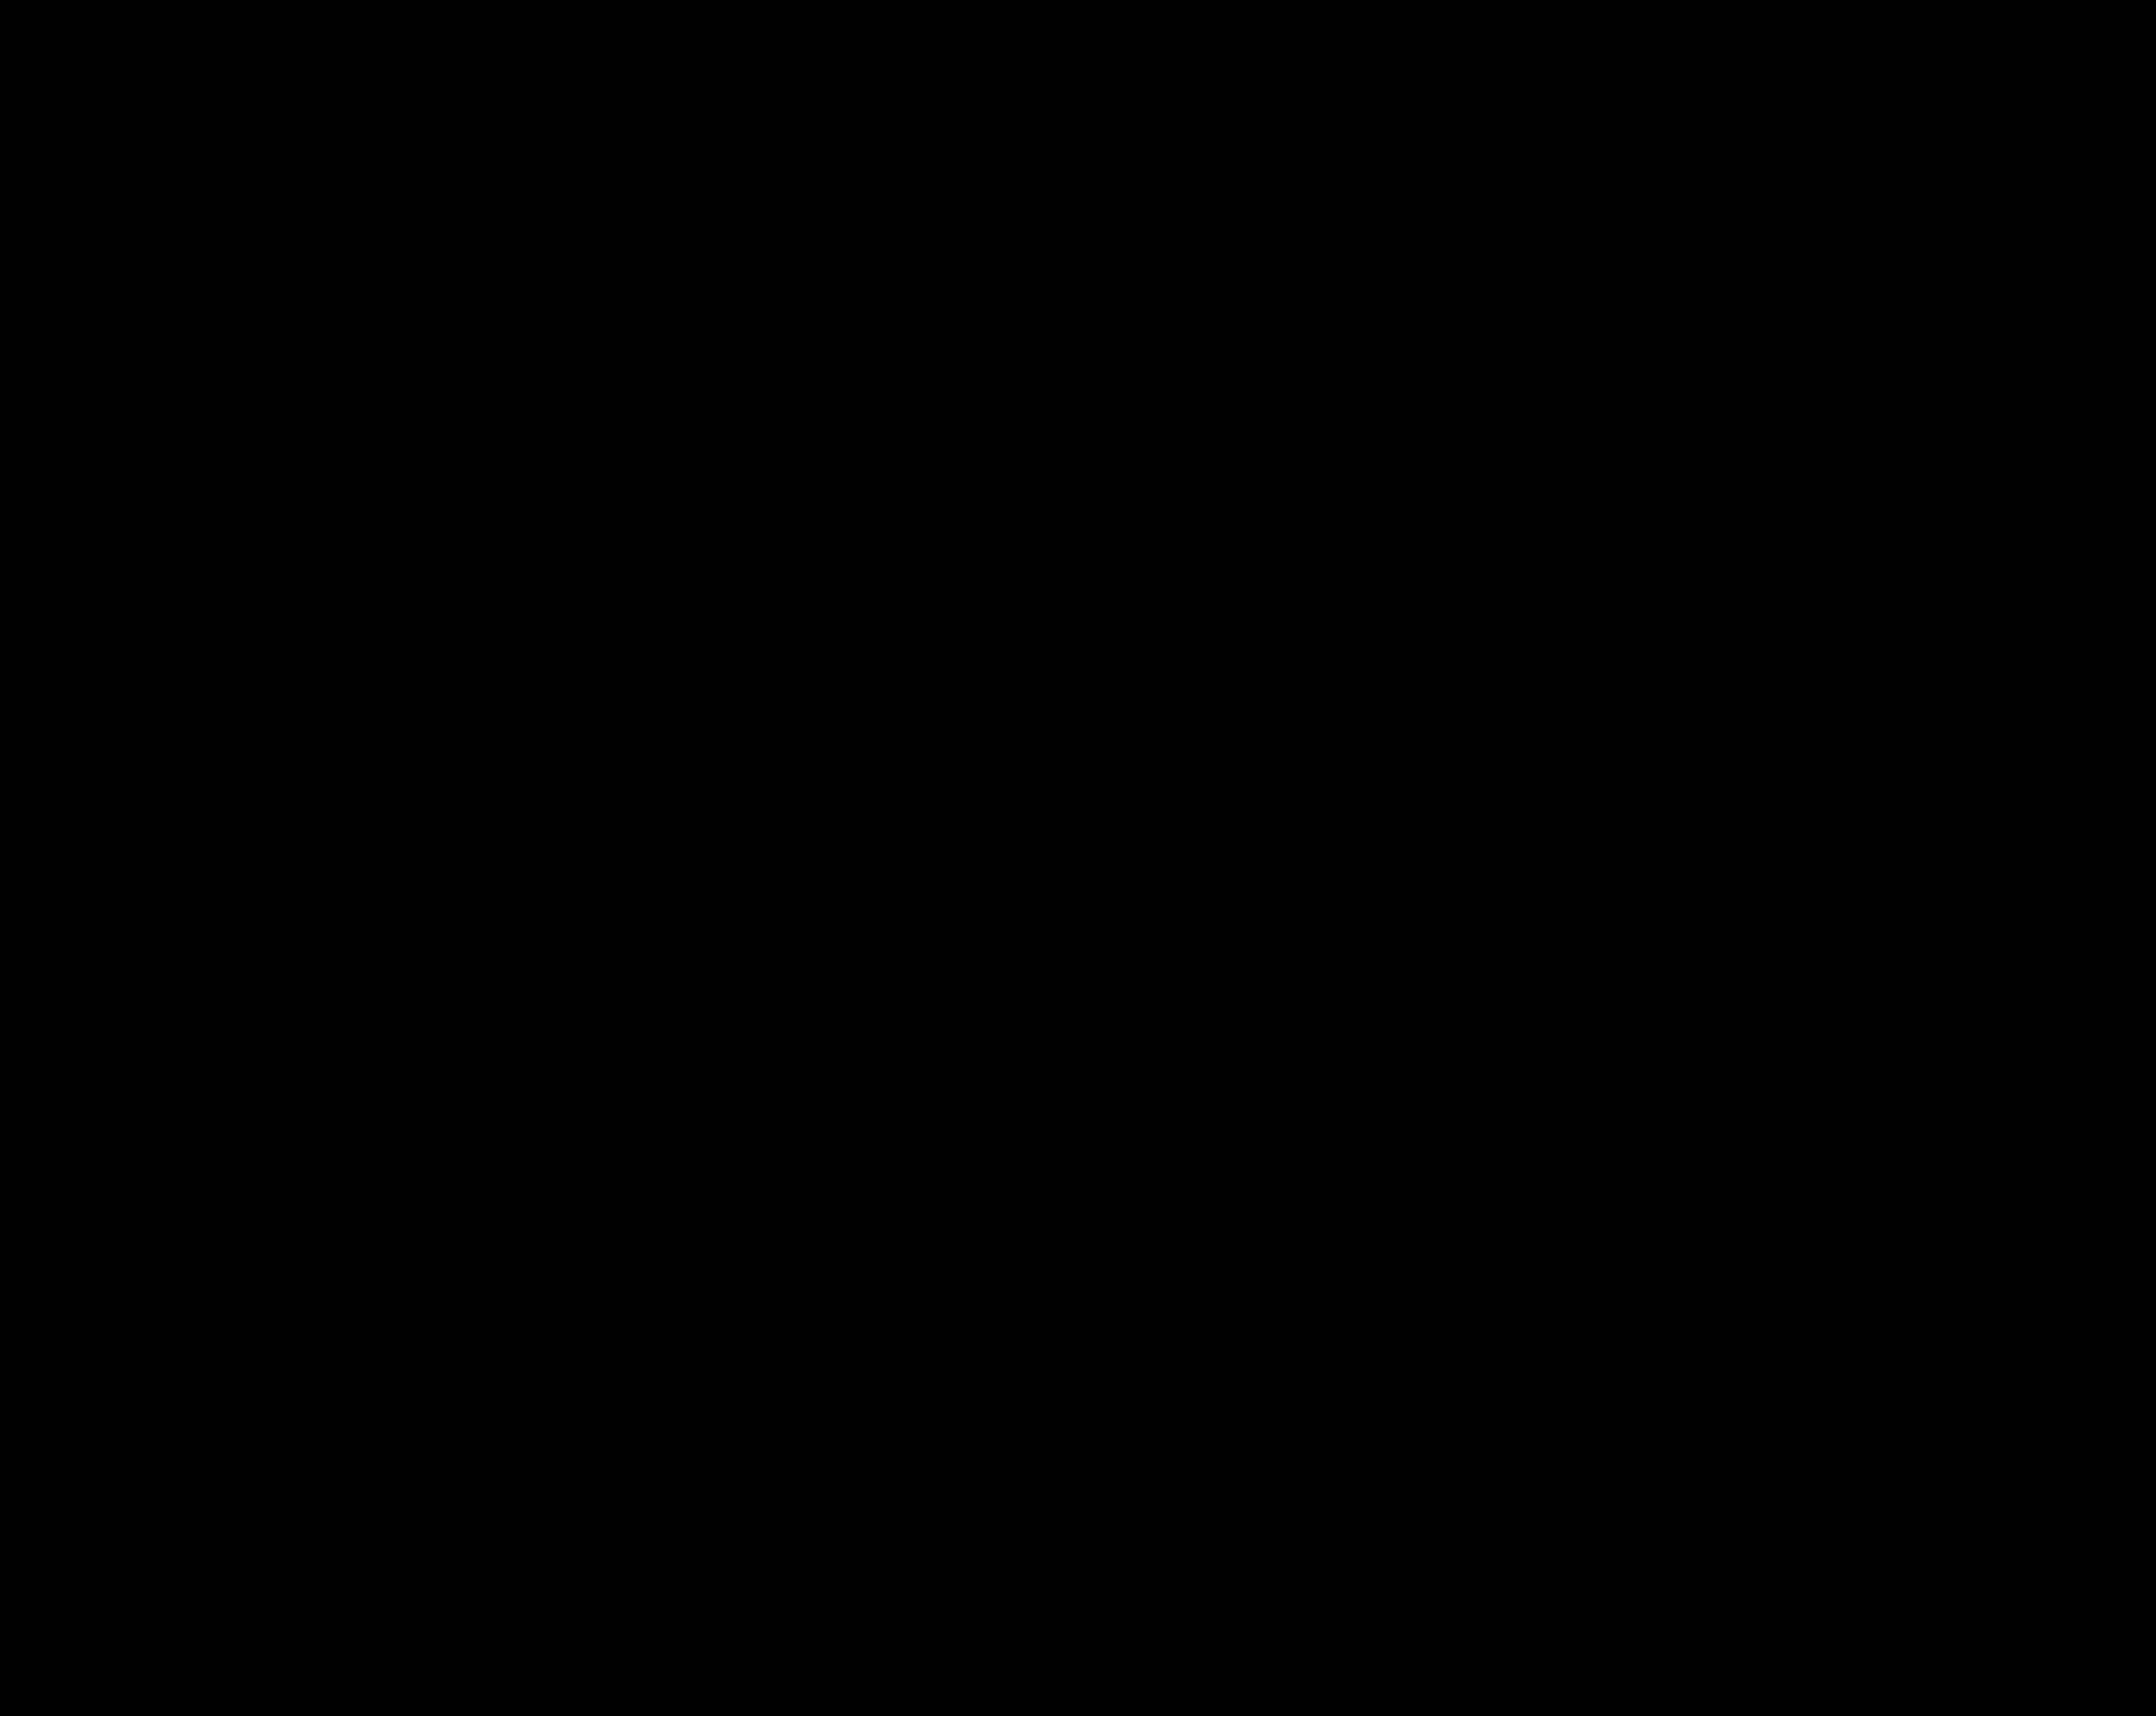 dark_logo_transparent_background (4).png